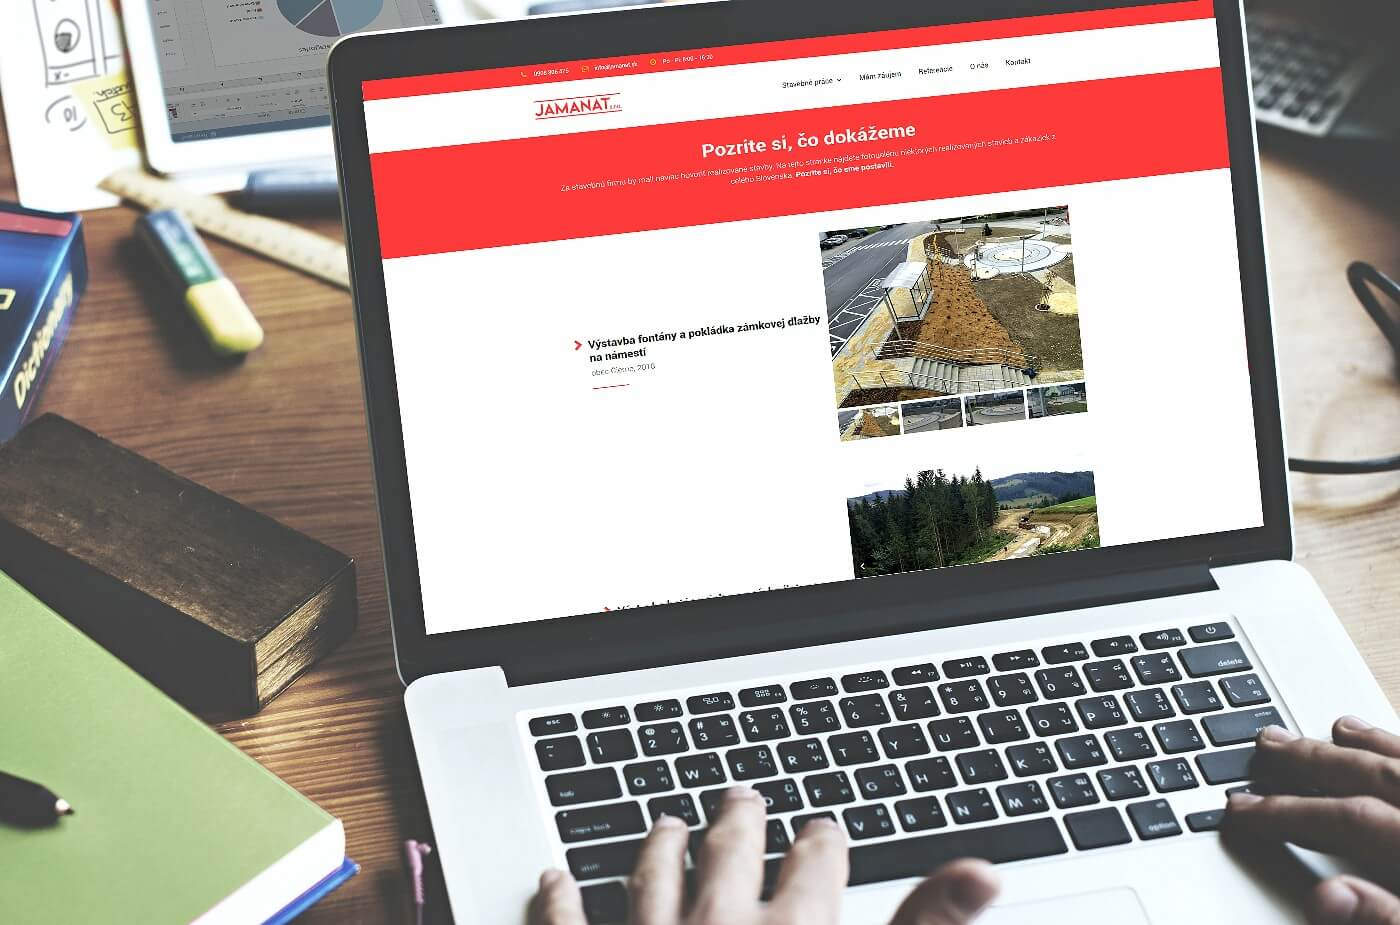 Vytvorenie webovej stránky www.jamanat.sk | Webovica.sk